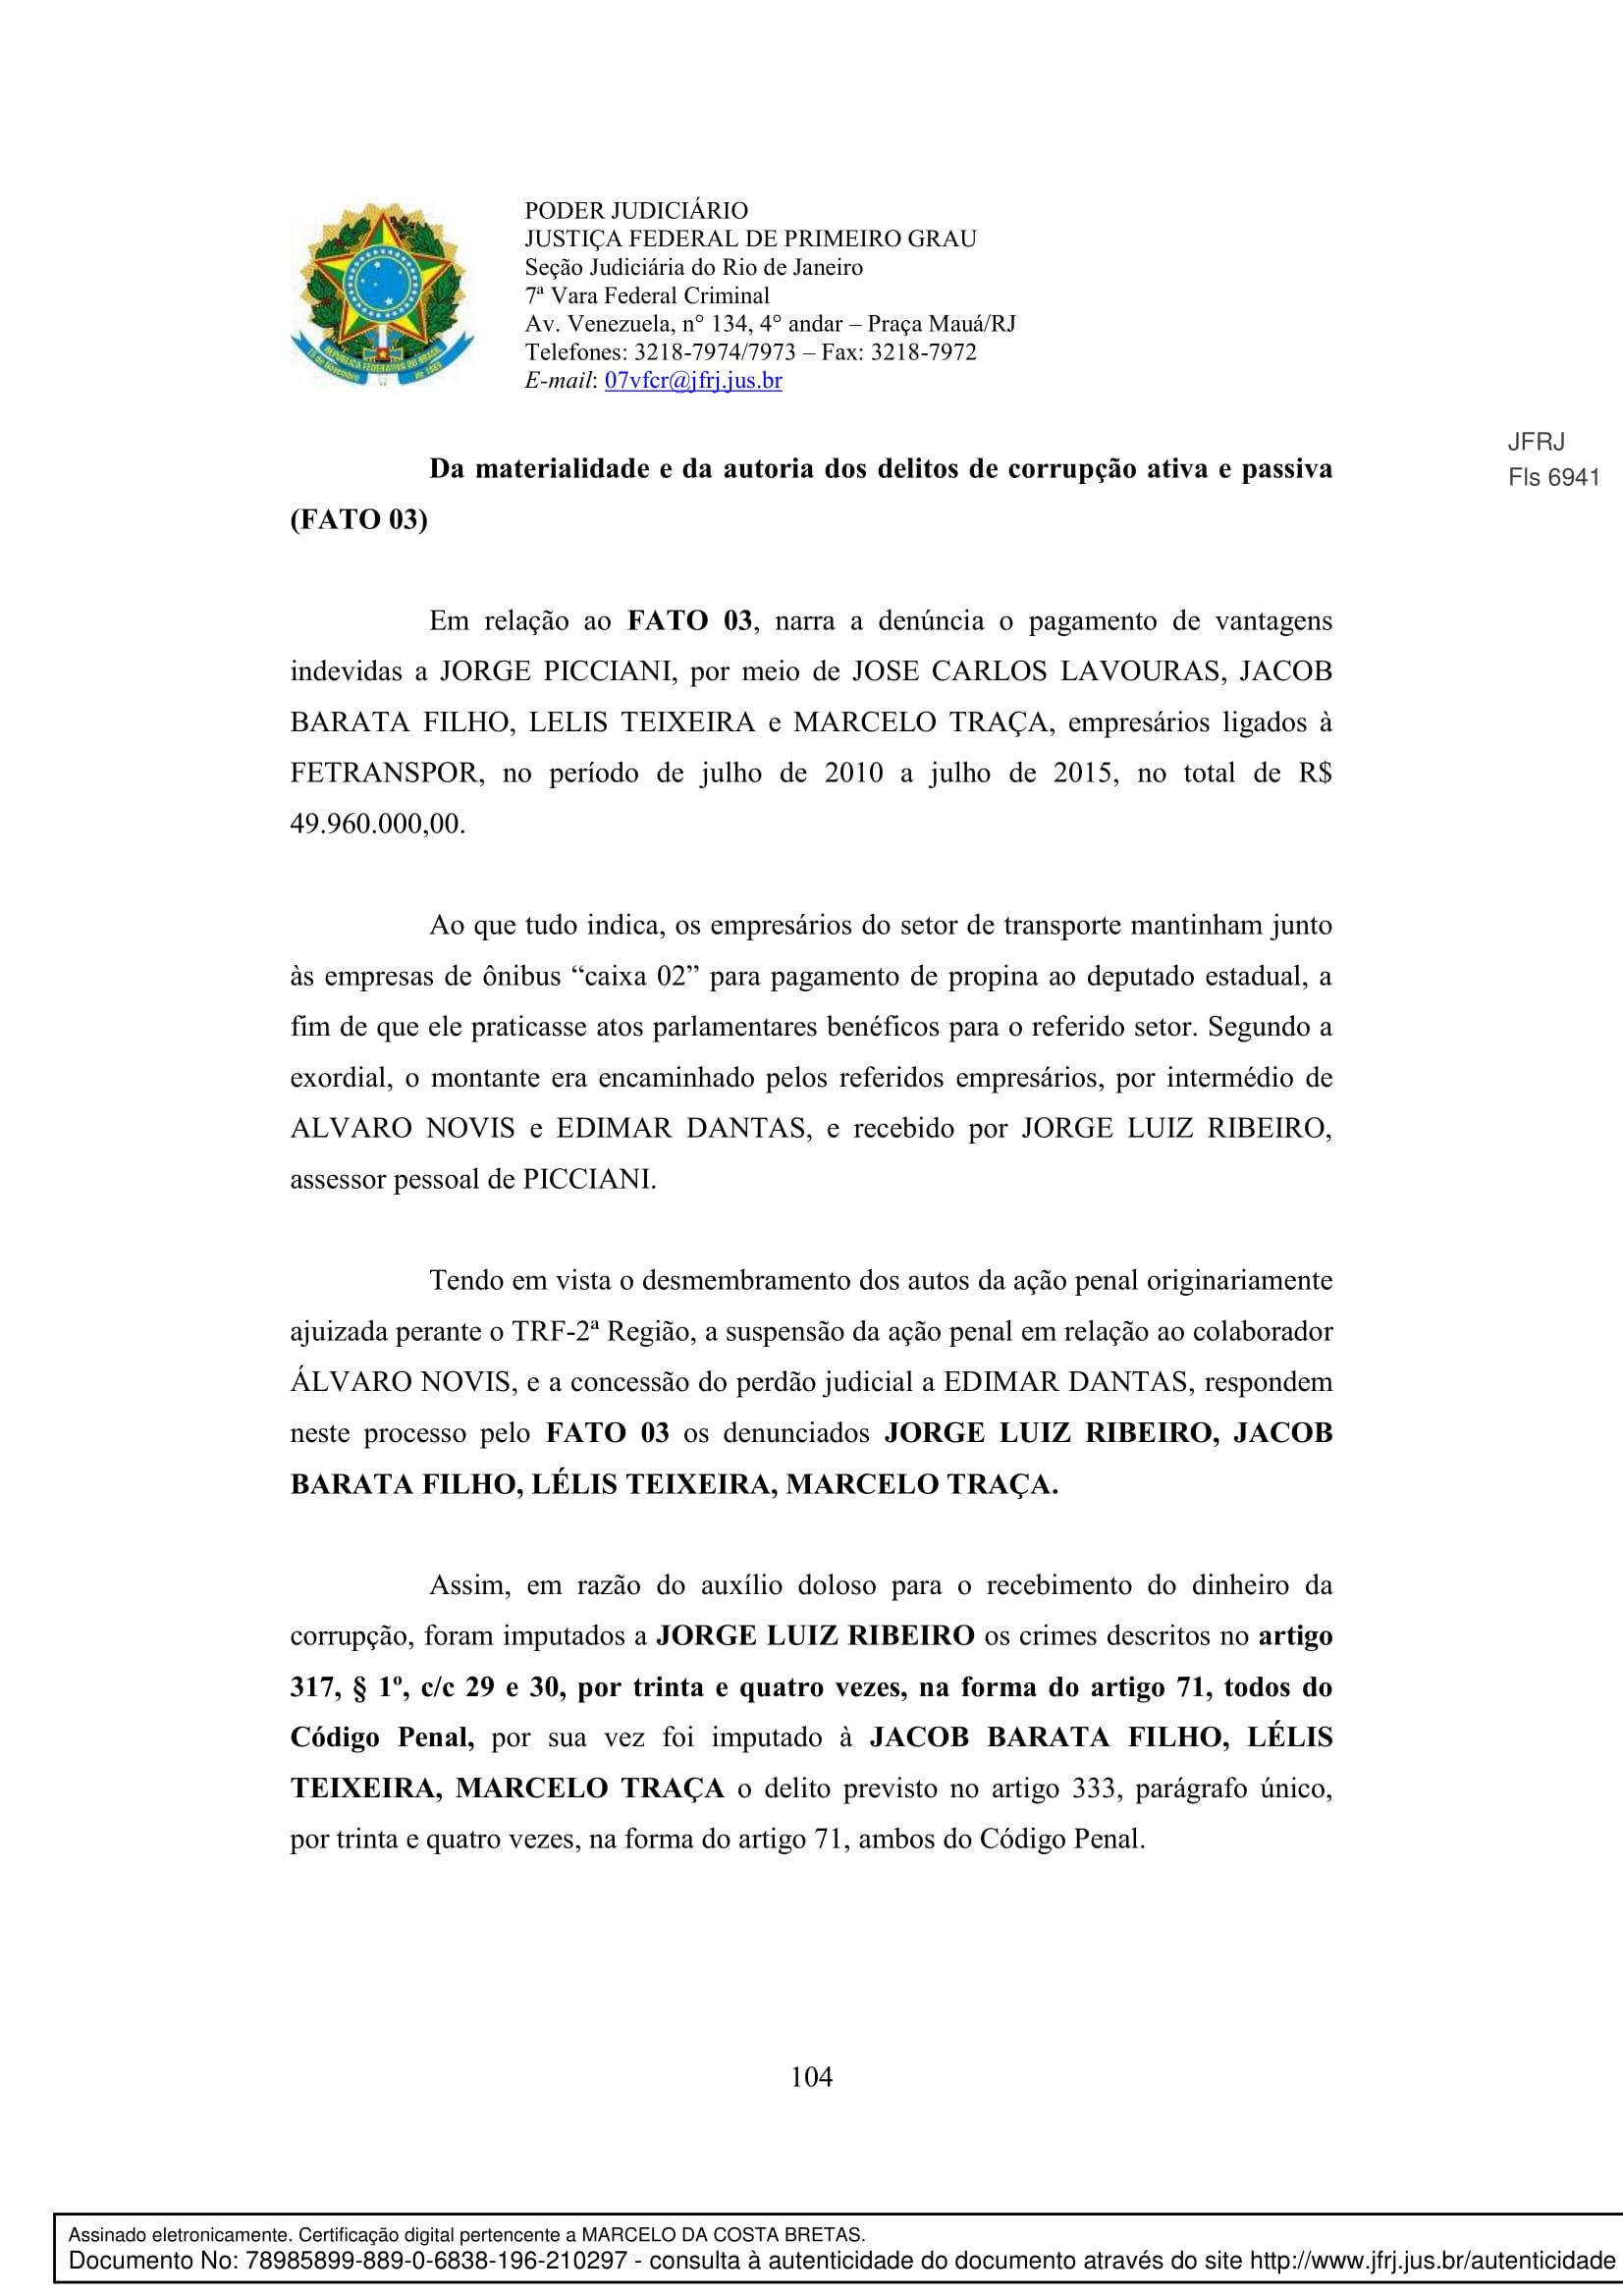 Sentenca-Cadeia-Velha-7VFC-104